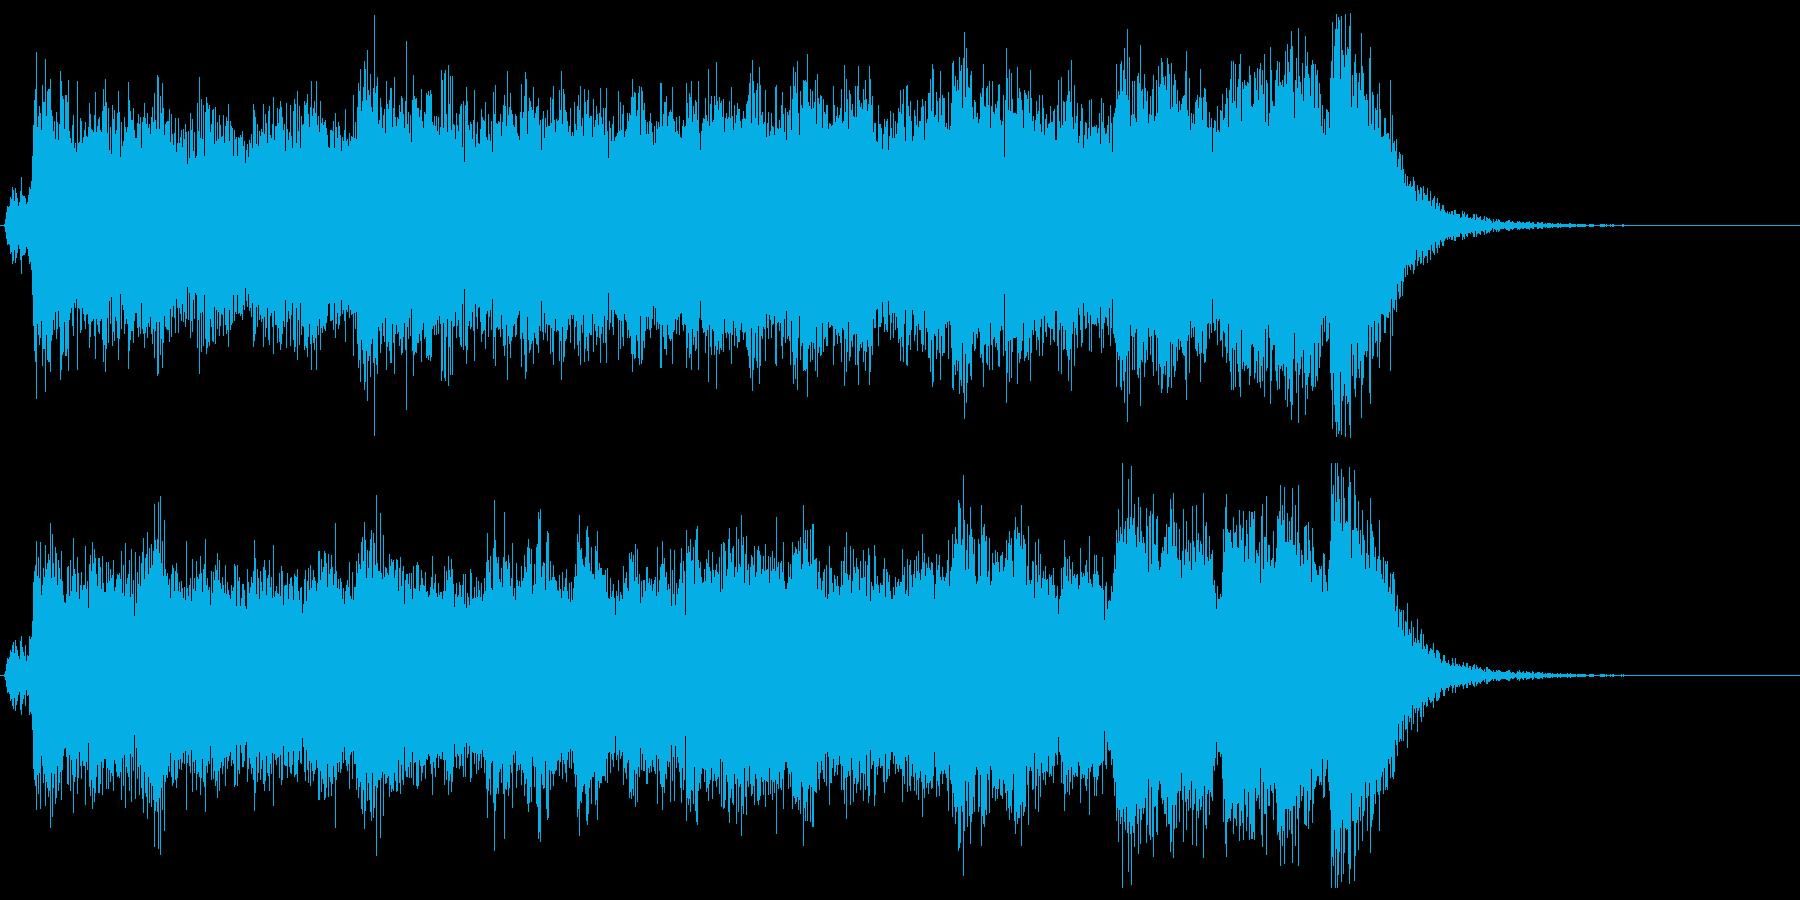 荘厳な始まり!フルオケジングル:合唱付の再生済みの波形